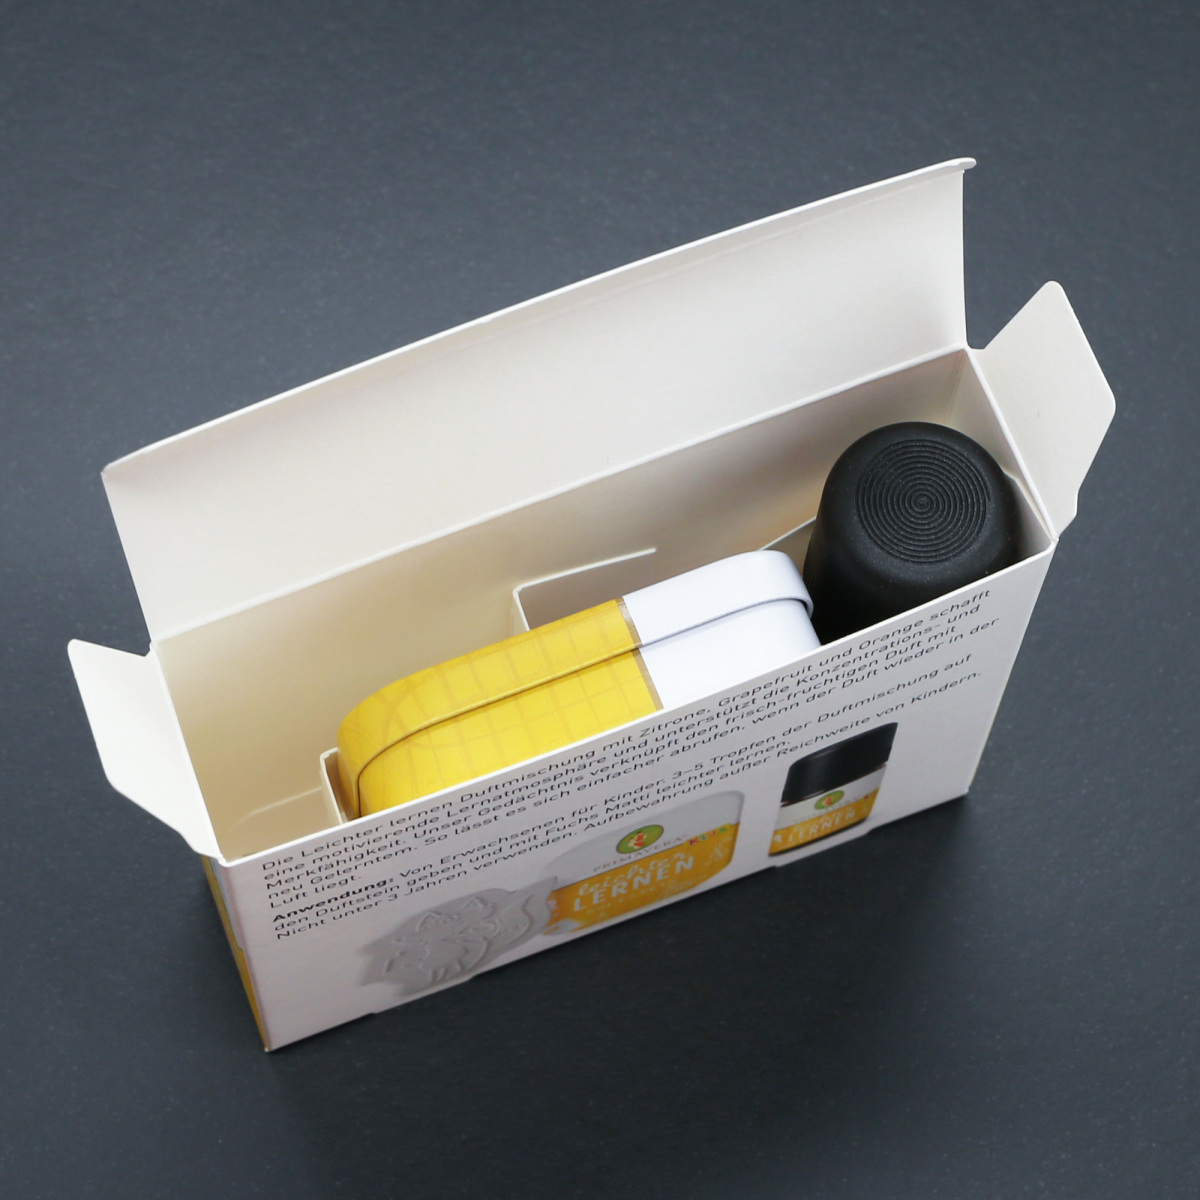 Verpackung mit Innenkonstruktion / Transportschutz